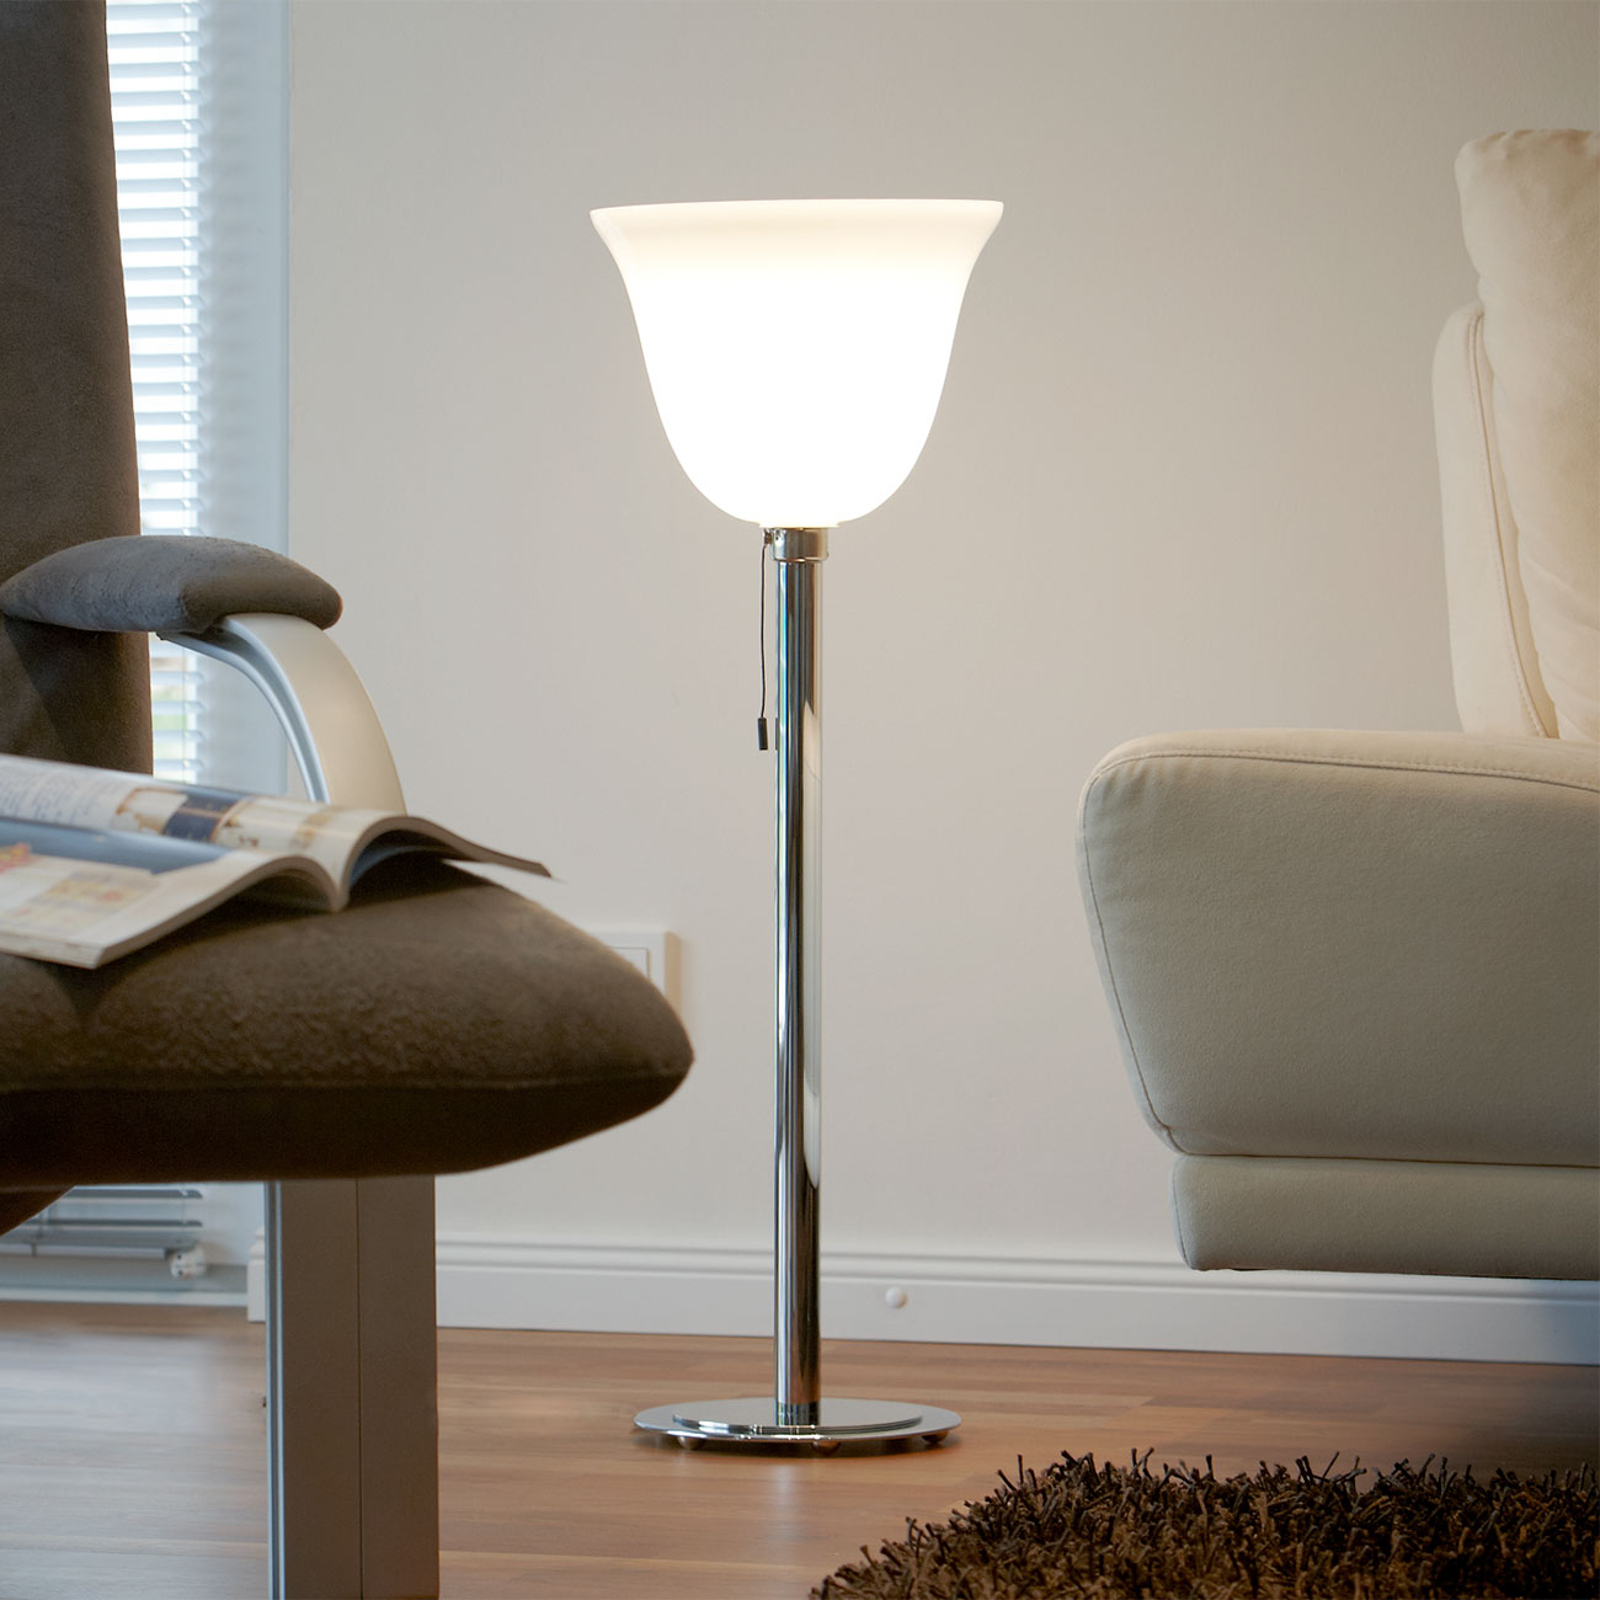 Lampa stojąca Art Deco wg francuskiego wzoru